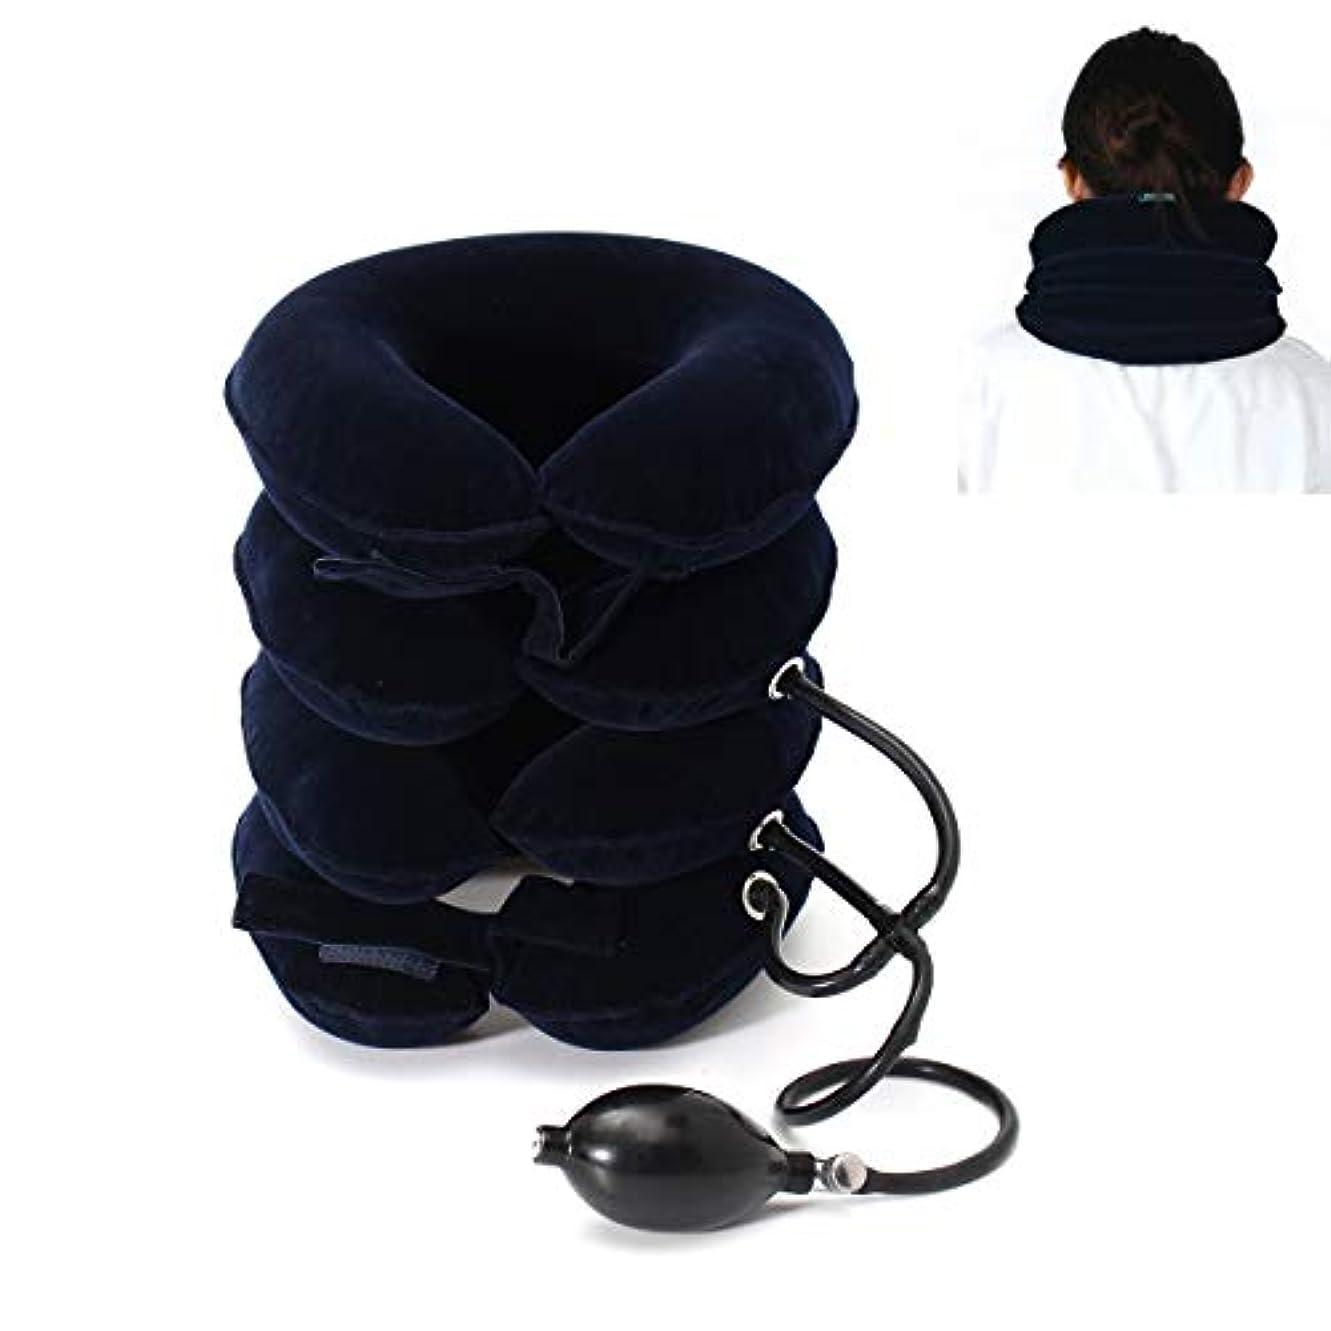 最初に一般的な気難しい4層ネックストレッチャー、MUIIGOOD頚部牽引装置、痛み緩和のためのネック姿勢慢性頸部&肩アライメント痛み、首疲労と頚部の痛みを軽減 ストレッチ,ソフトウォッシャブルネルカバー